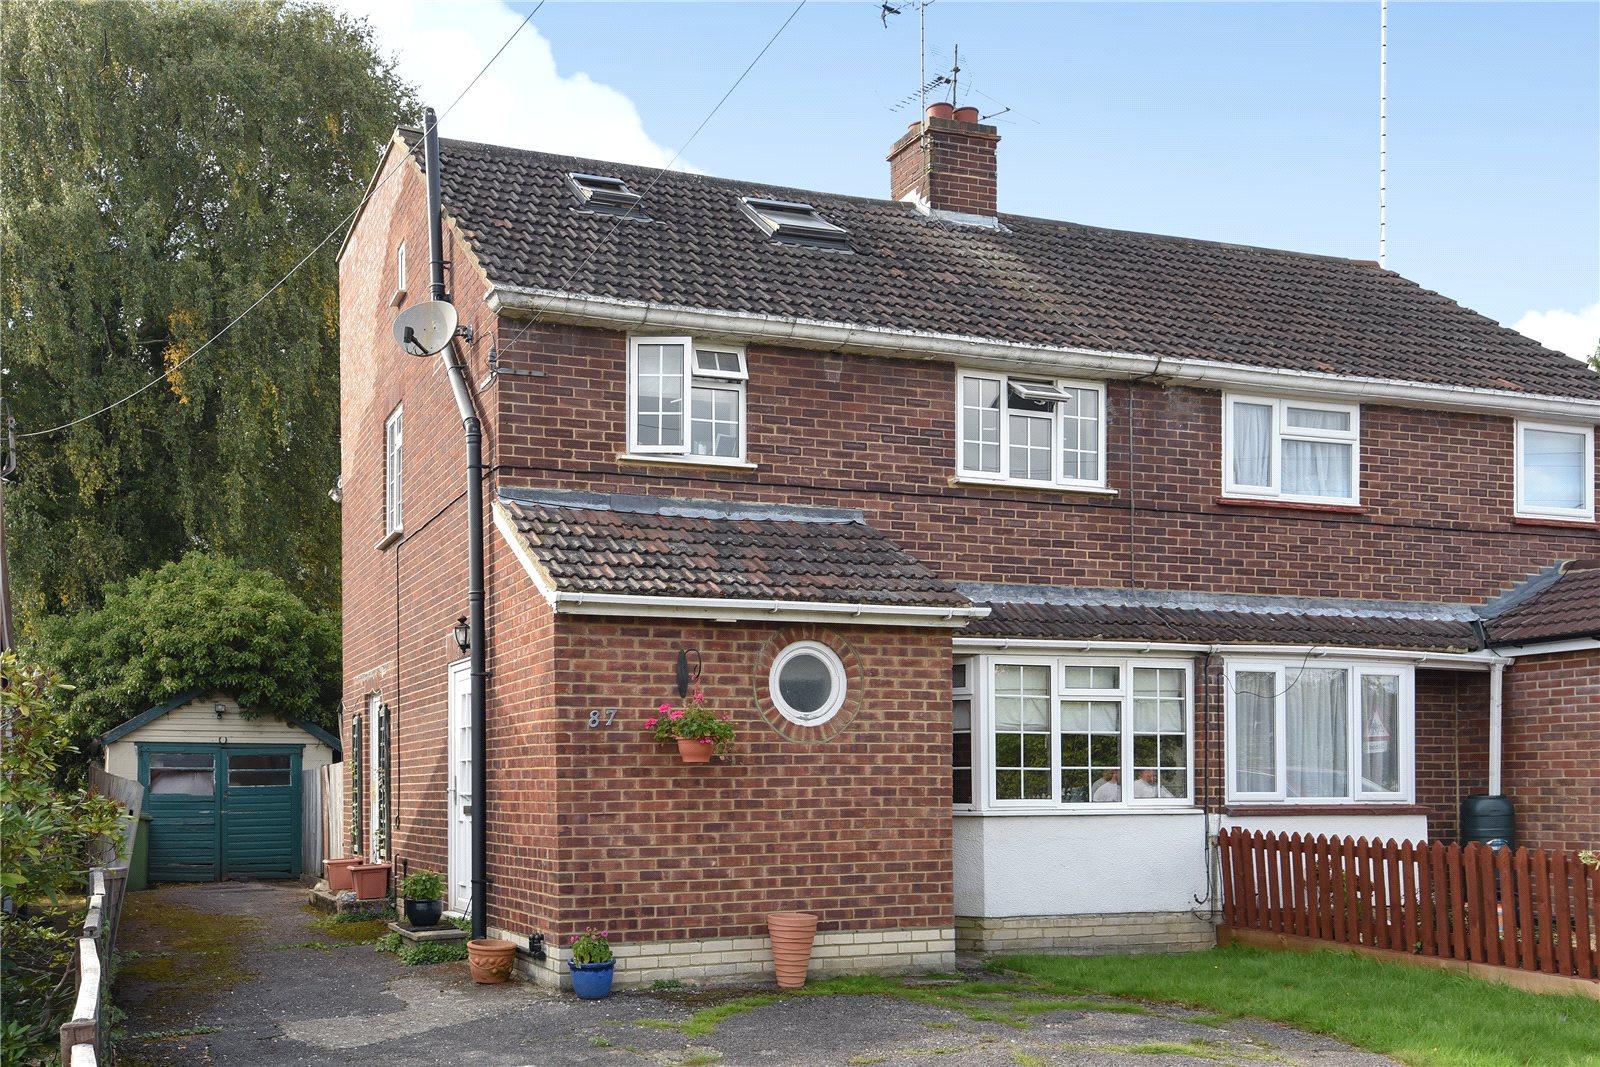 4 Bedrooms Semi Detached House for sale in Owlsmoor Road, Owlsmoor, Sandhurst, Berkshire, GU47